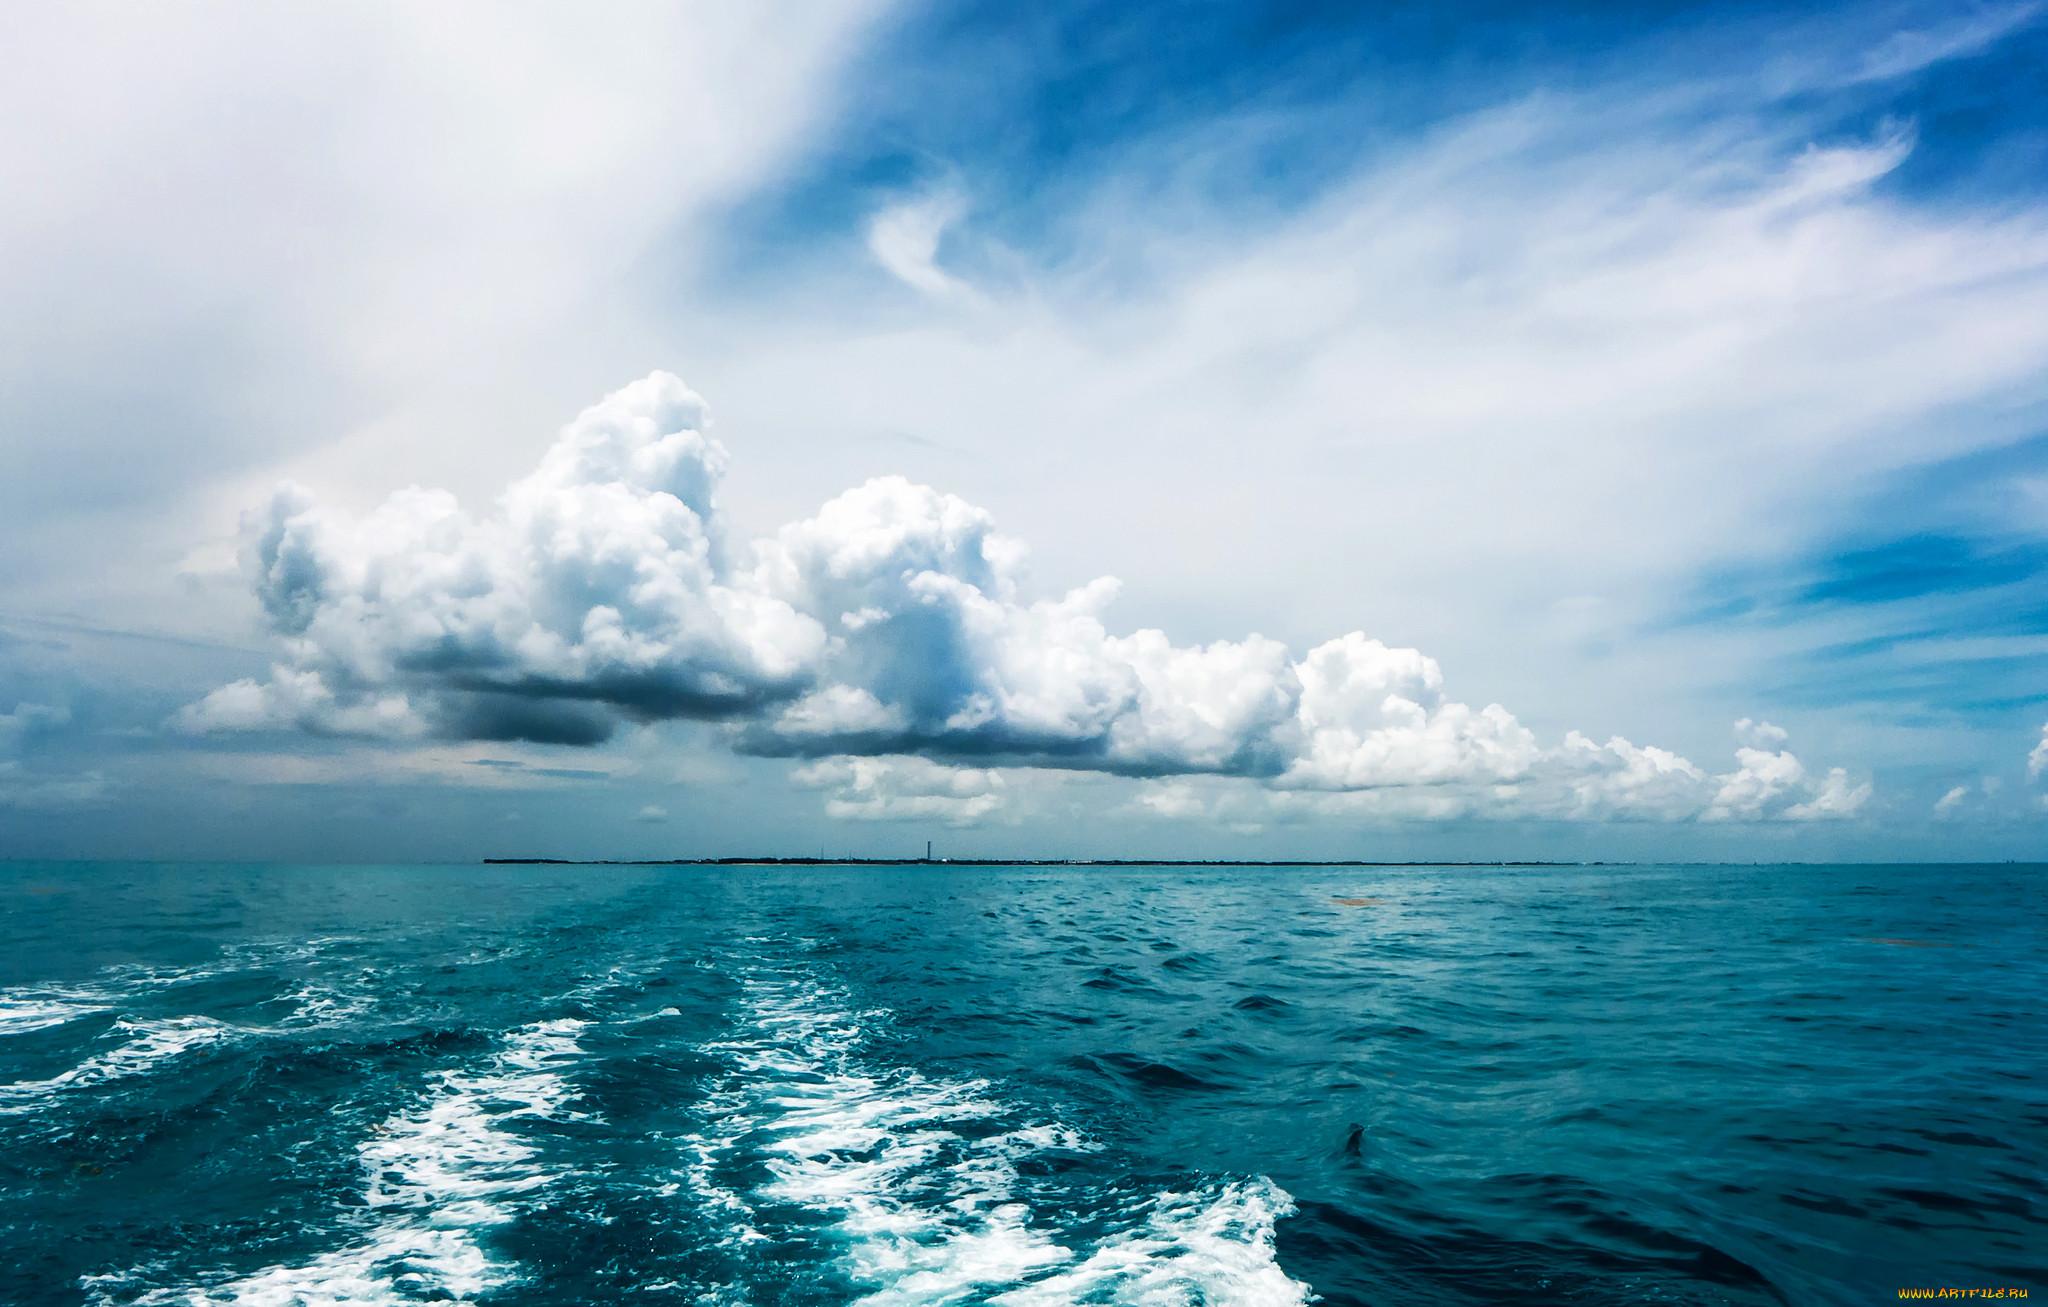 Сколько и какие океаны есть на земле: карта, названия, описание, подводный мир, фото и видео  - «как и почему»